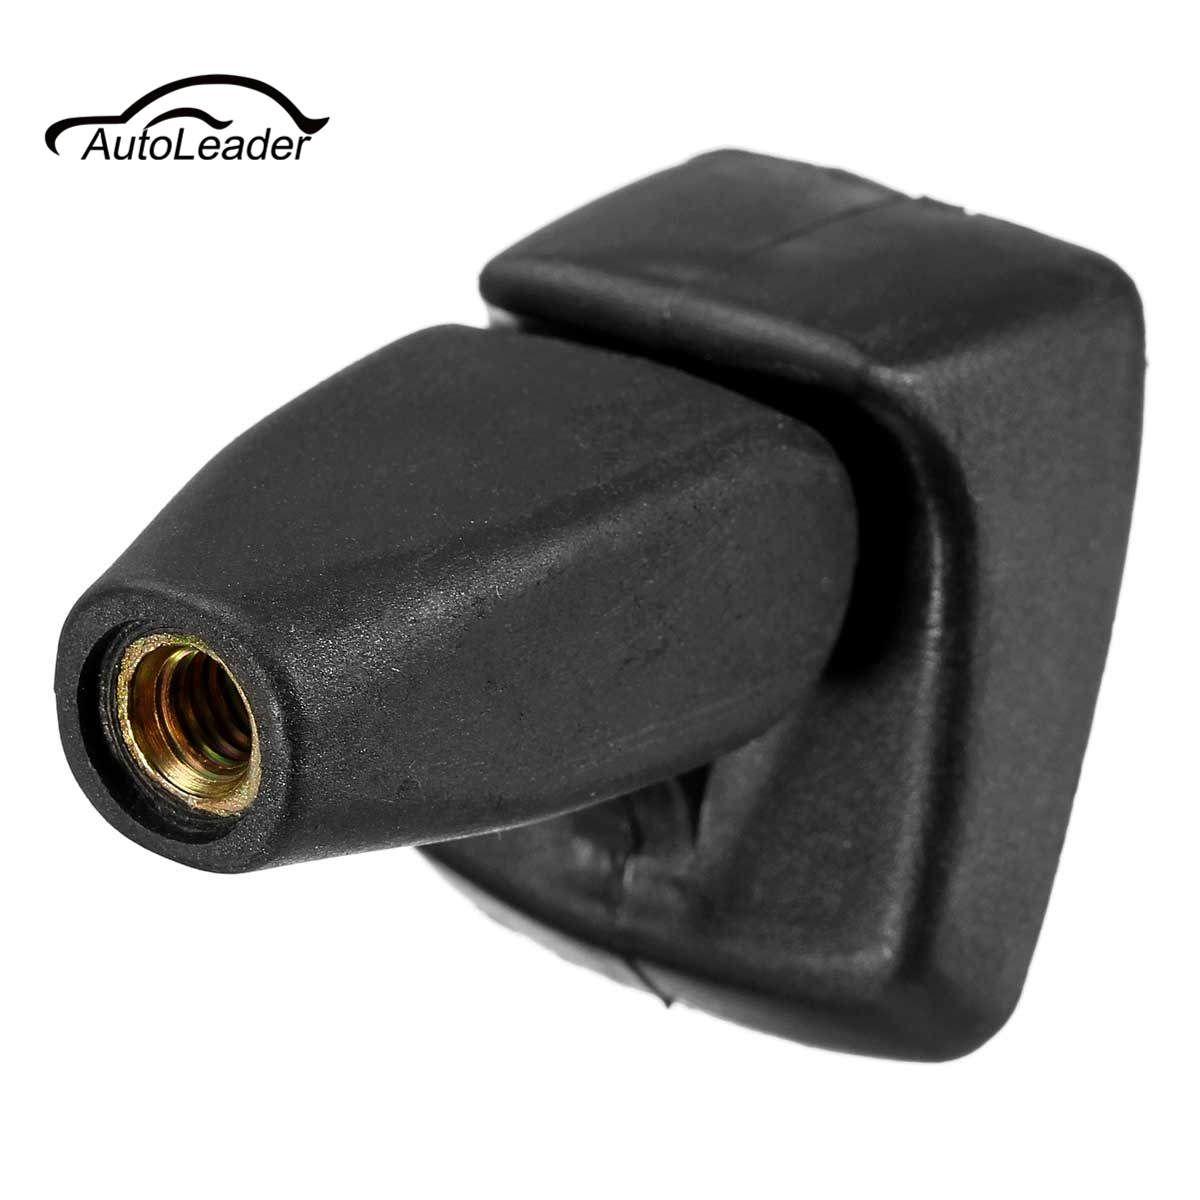 ABS Schwarz Automotive Auto Antenne Sockel Halterungen Basis Für Peugeot 206 207/Citroen/Fukang C2